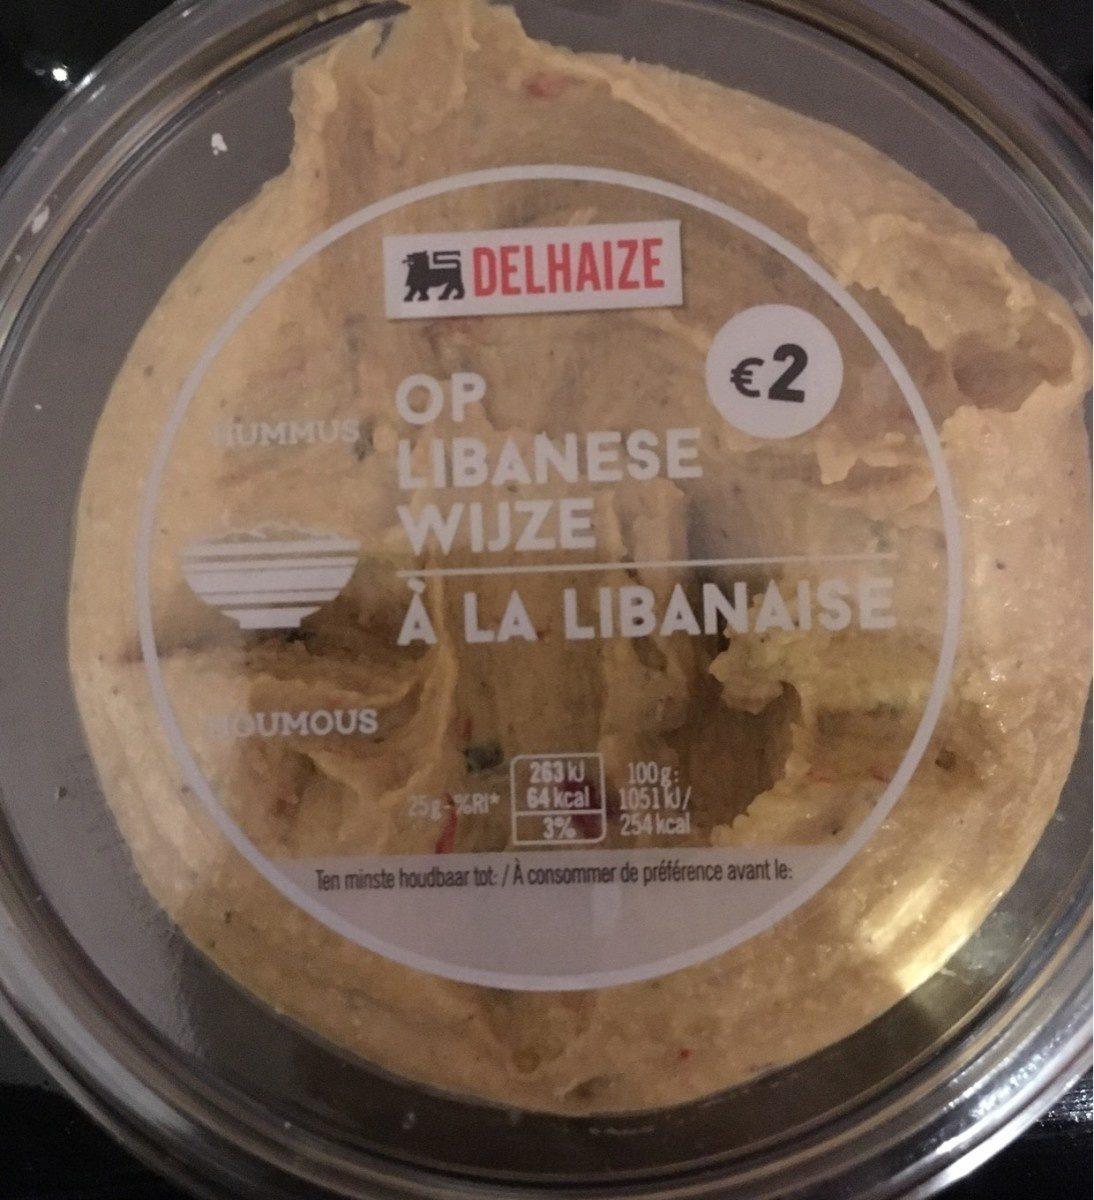 Hummus à la libanaise - Product